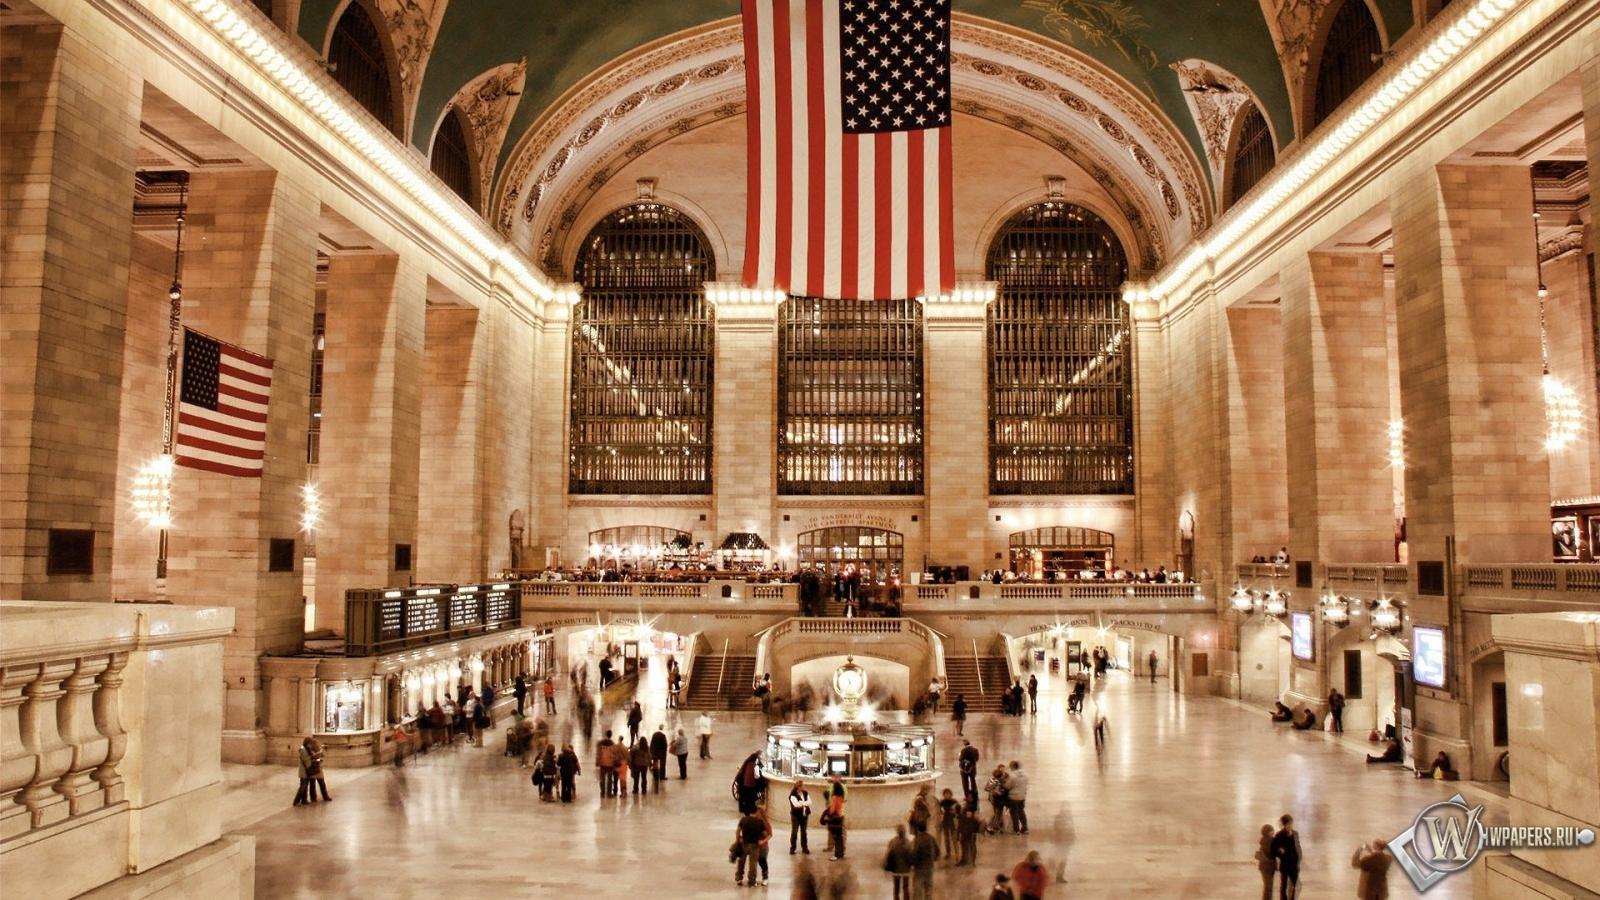 Люди на вокзале в США 1600x900